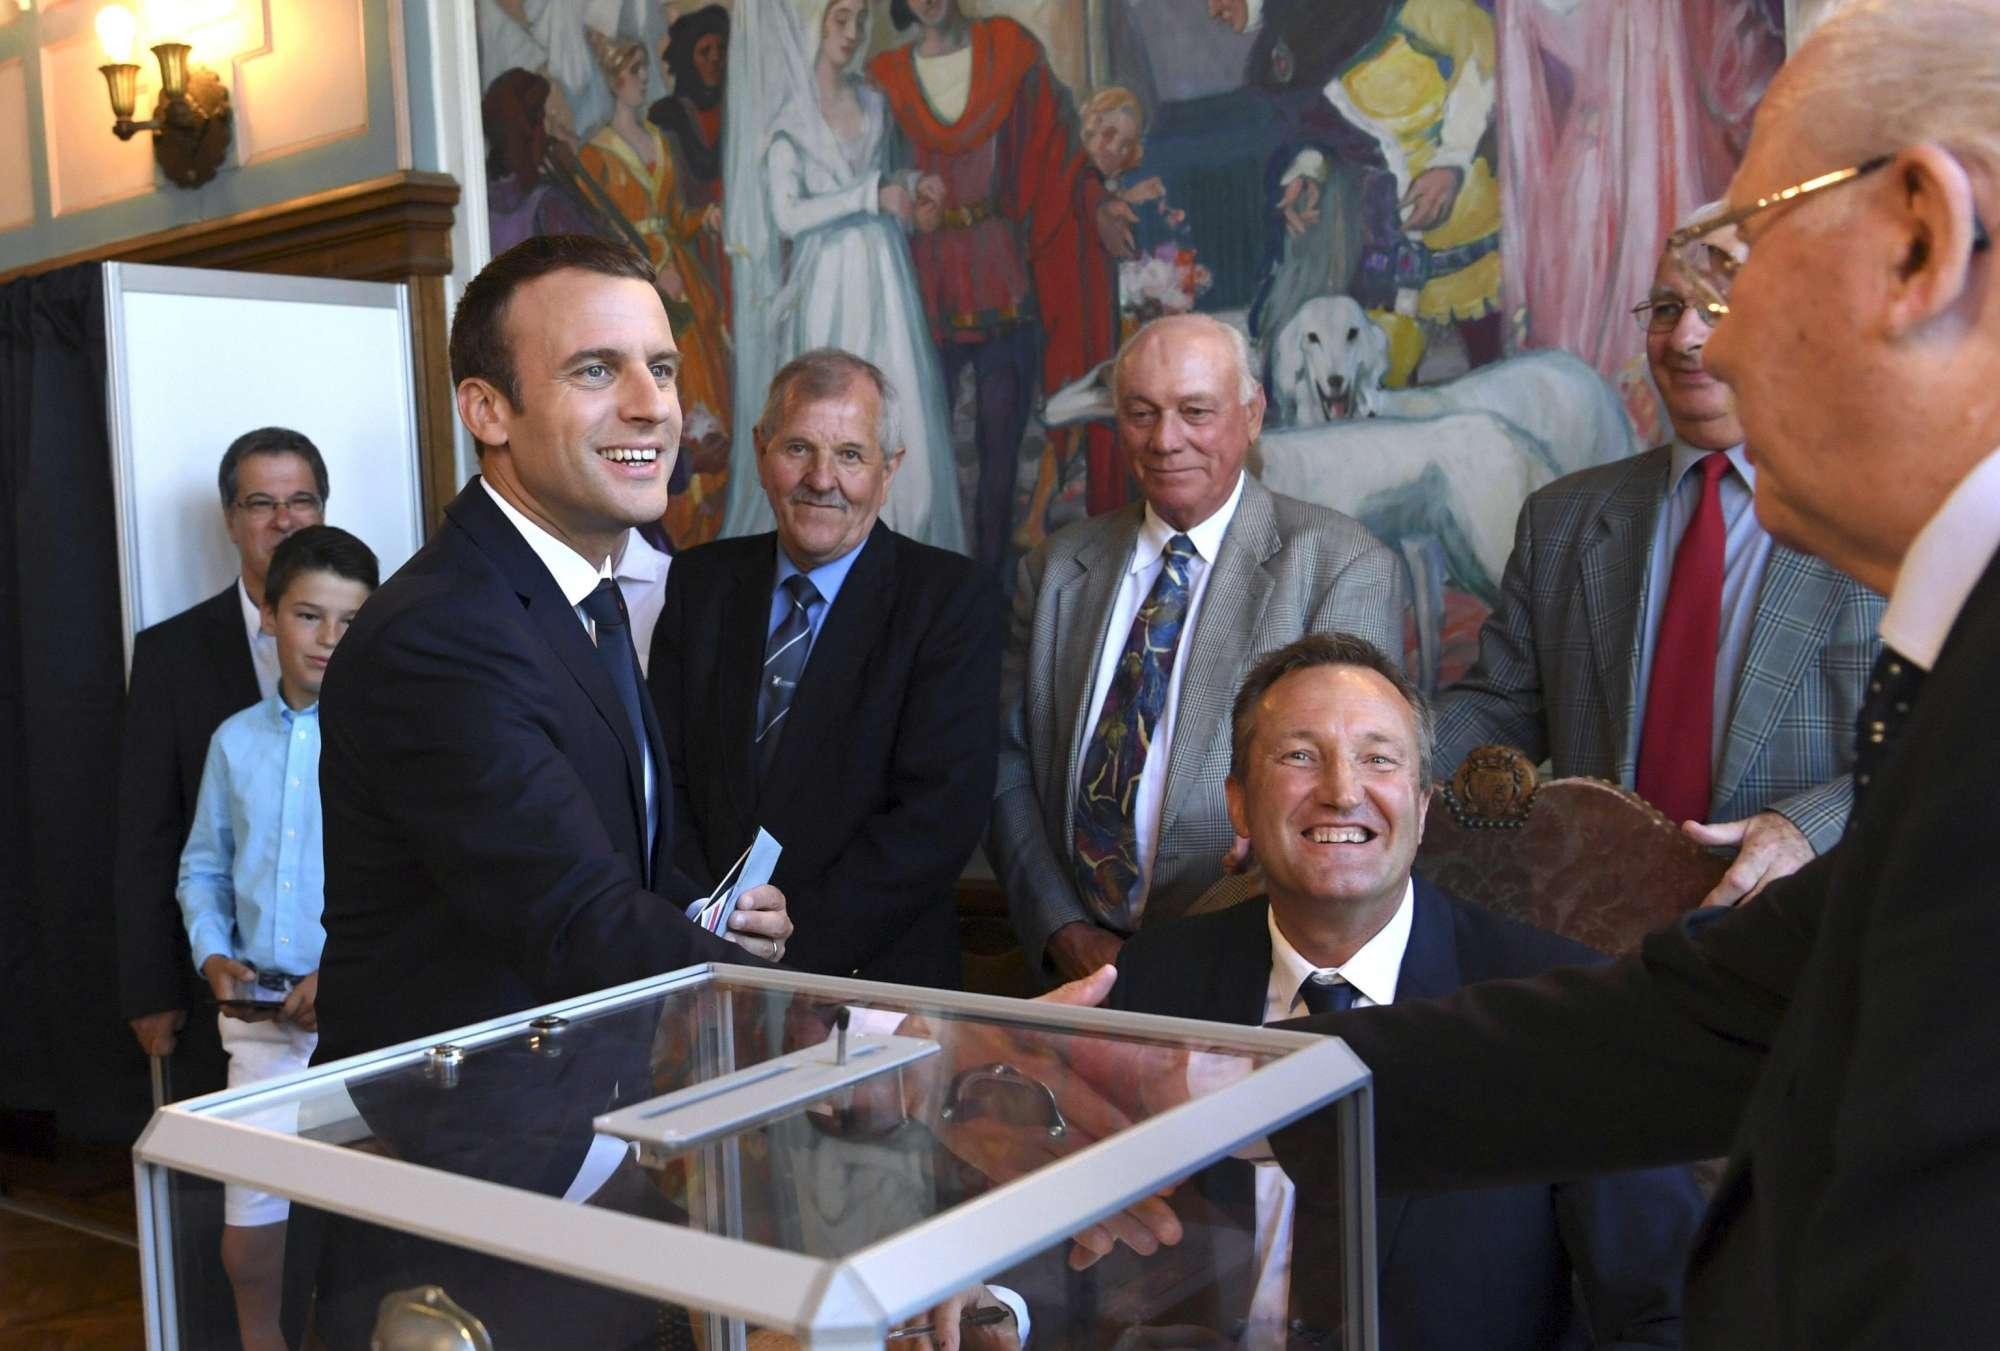 Francia al voto per i ballottaggi, i leader politici alle urne